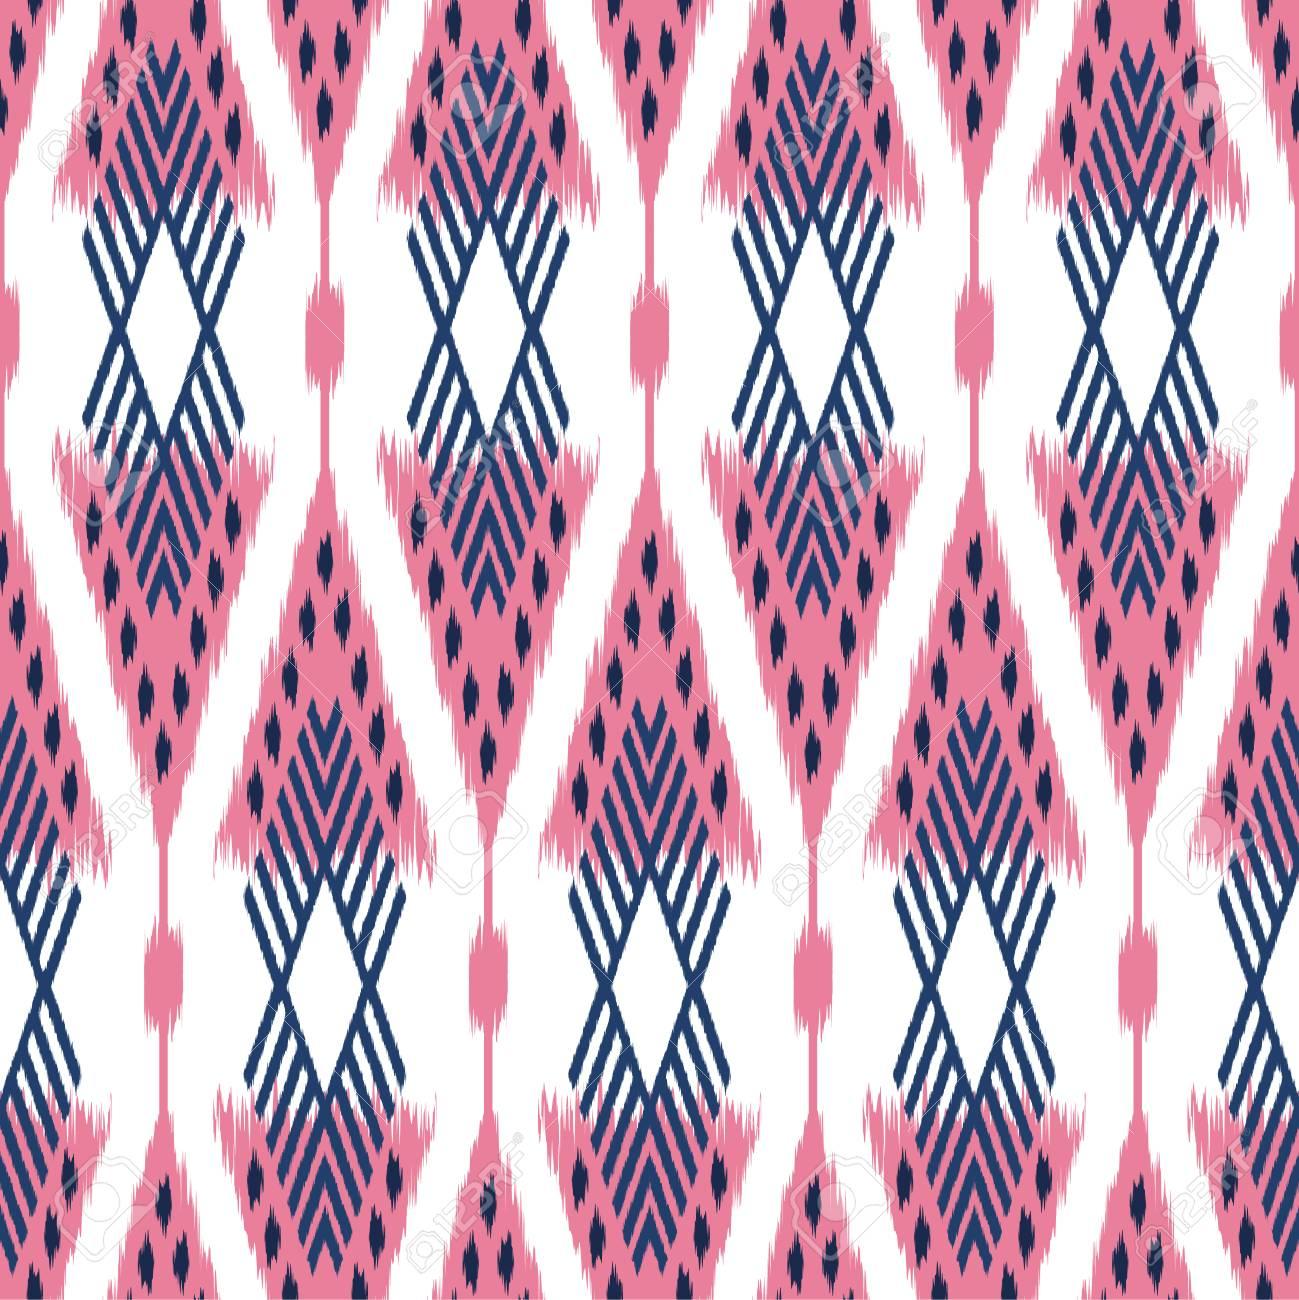 nahtloses muster ikat als stoff vorhang textildesign bettwsche tapete oberflchenbeschaffenheitshintergrund - Bettwasche Muster